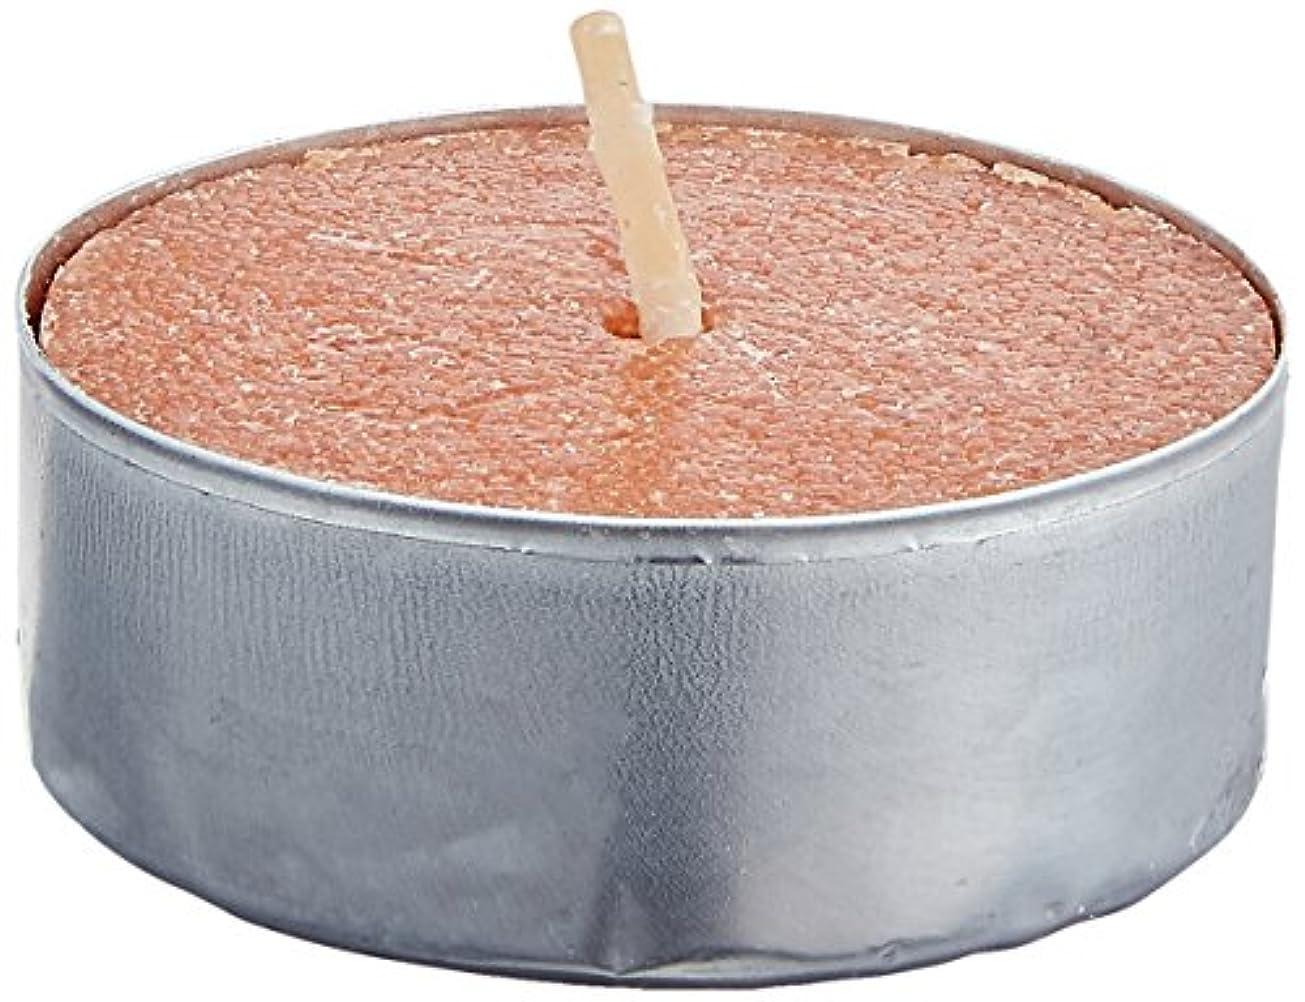 ロケーション恥ずかしい明るいCandle-lite Essentials 25-Pack Scented Tealight Bag, Cinnamon Pecan Swirl by Candlelite